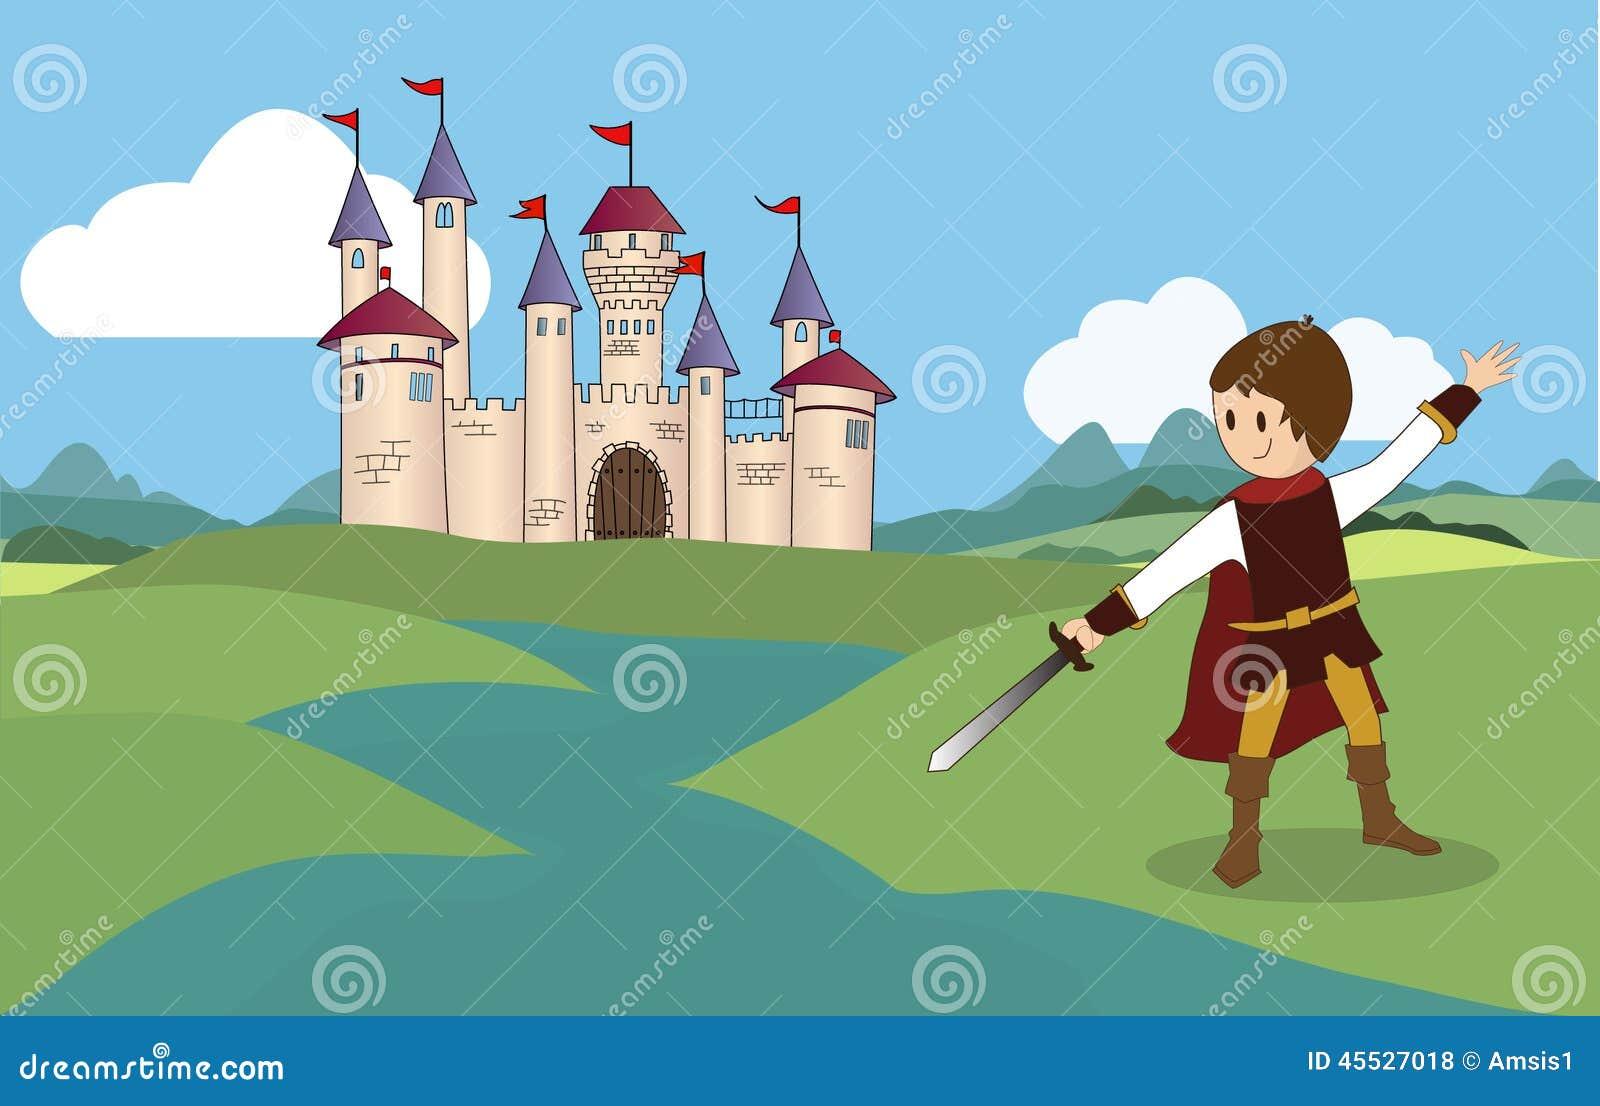 骑士和城堡-彩色插图.图片